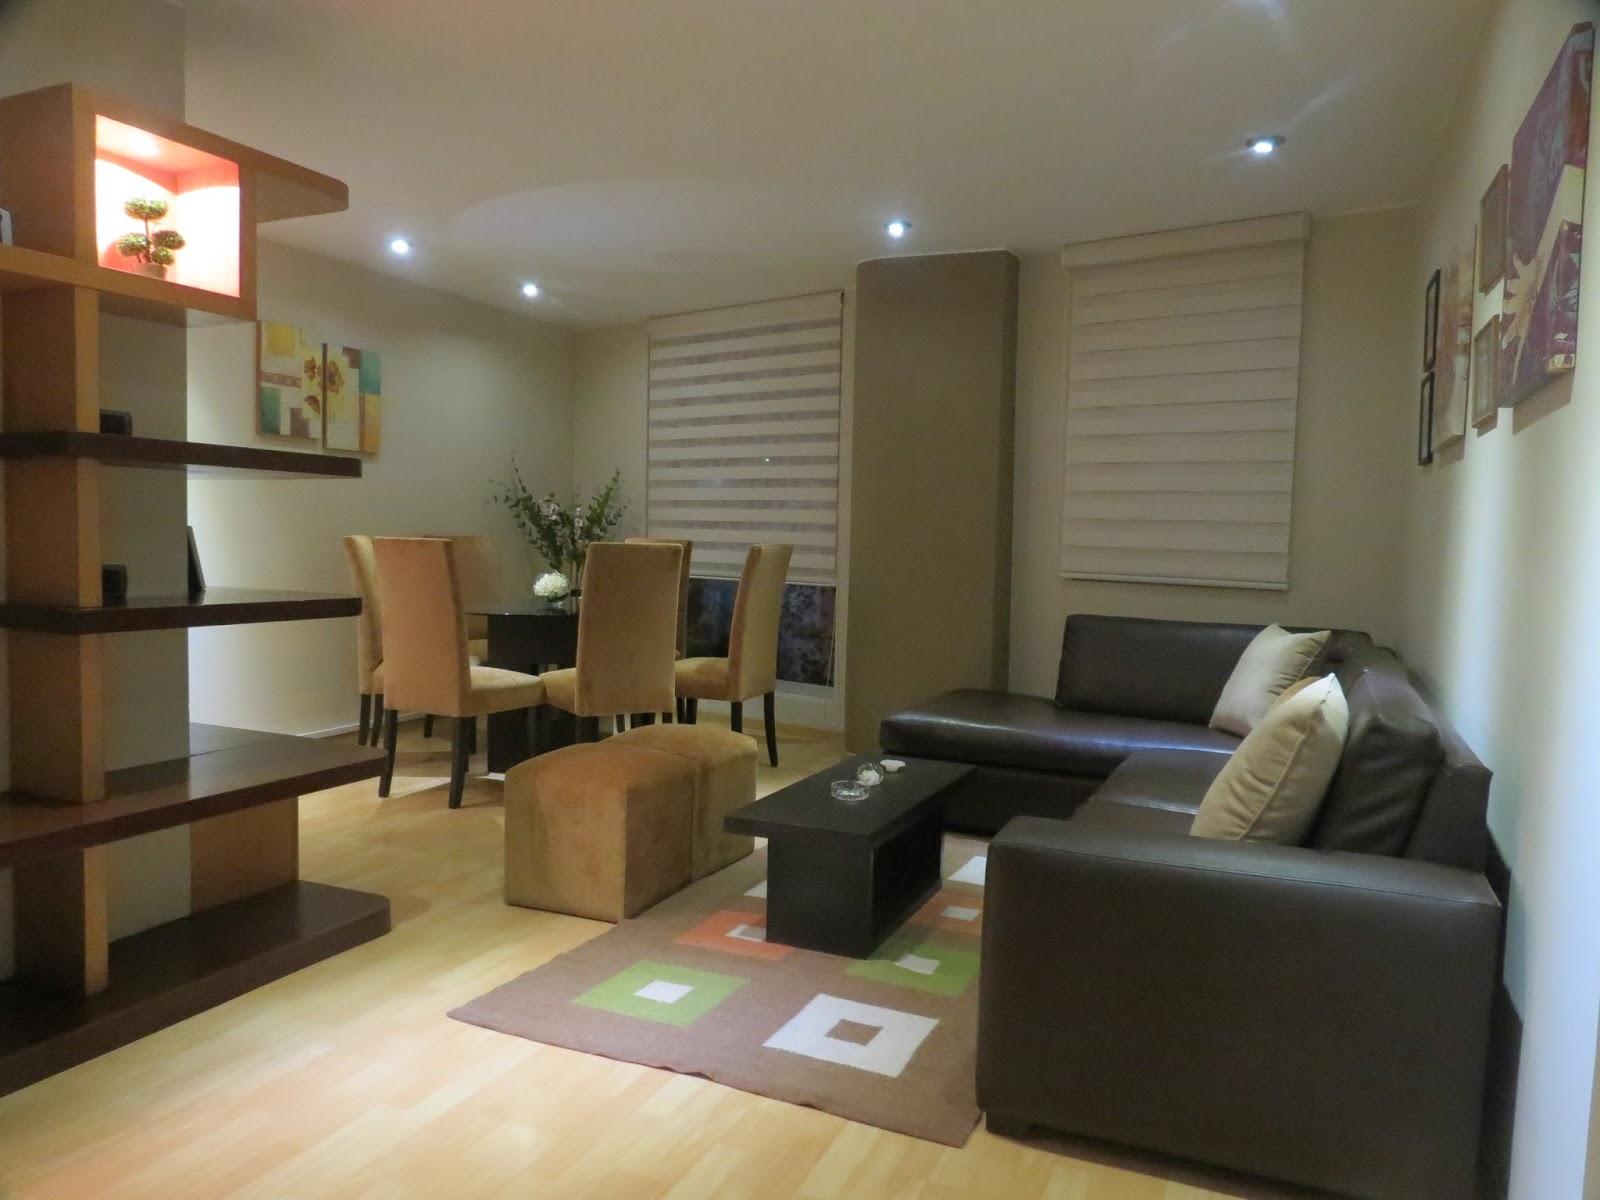 Oniria remodelaci n interior de departamento for Decoracion de interiores de departamentos 3 ambientes